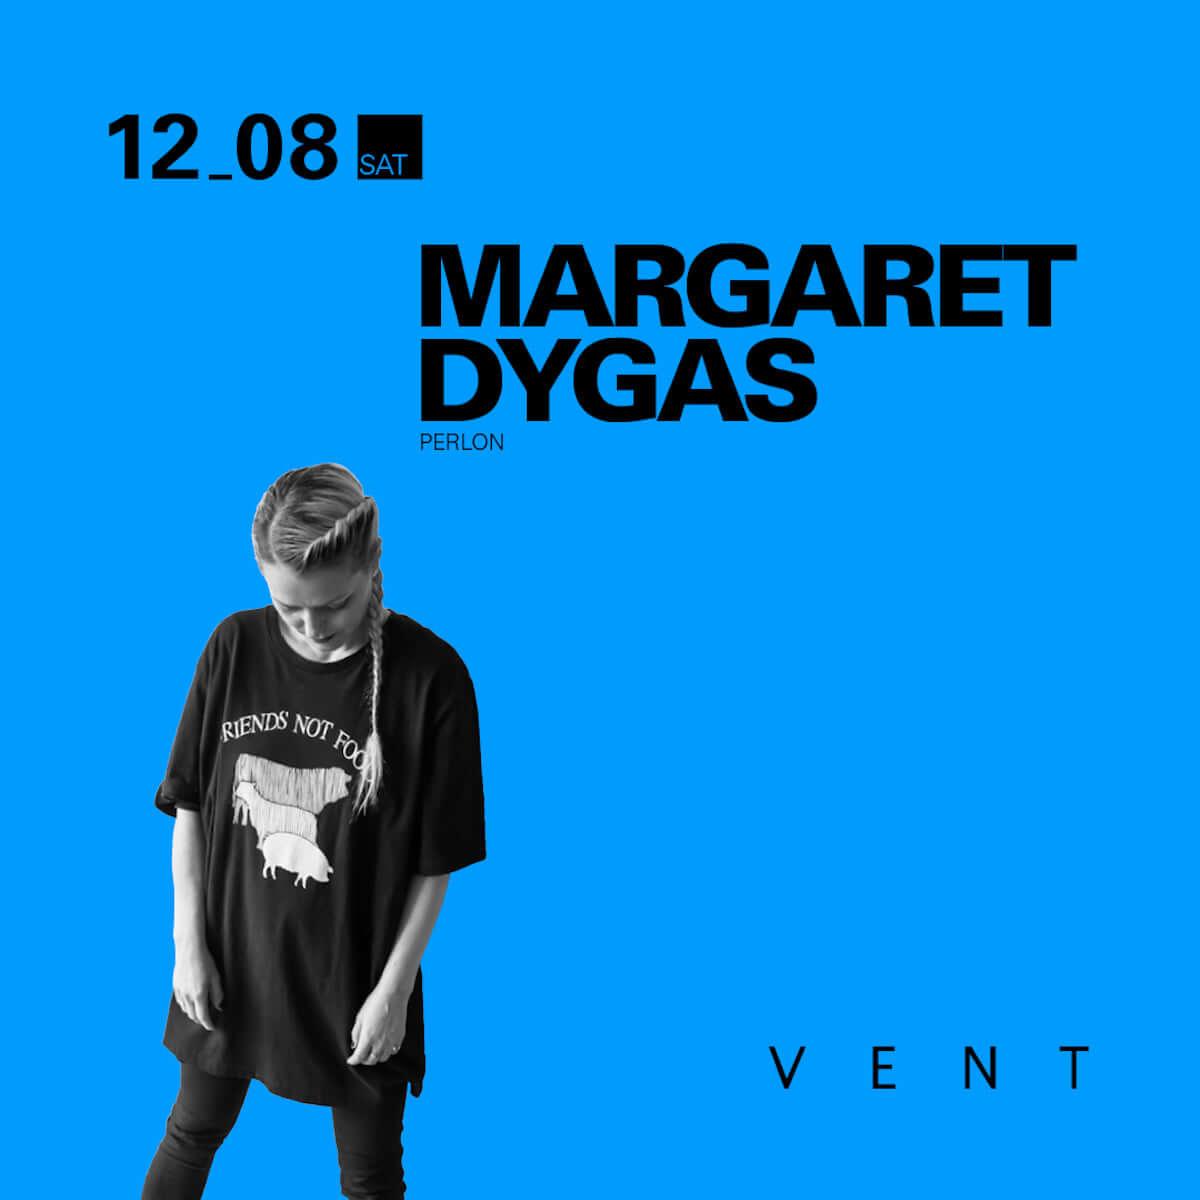 ZIPやRicardo Villalobosでもおなじみの人気レーベル「Perlon」の看板アーティスト・Margaret DygasがVENTに登場 music181206-vent-margaret-dygas-2-1200x1200